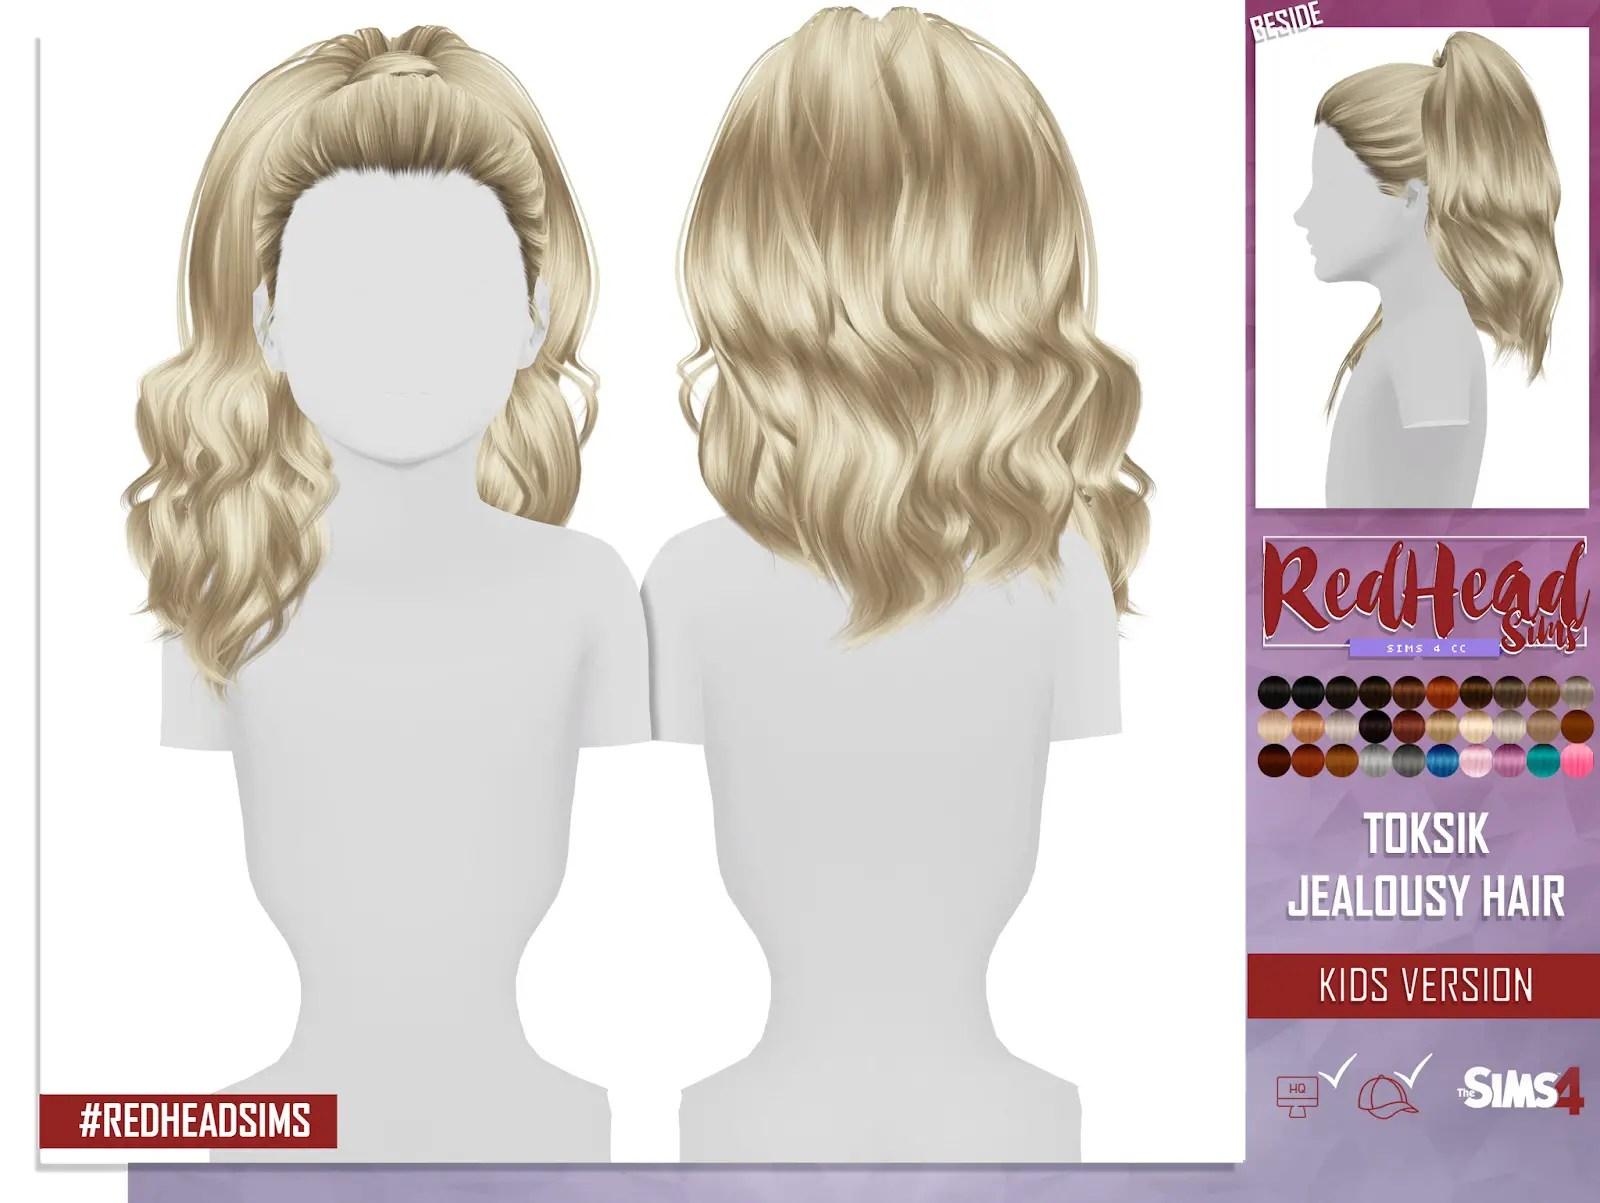 Sims 4 Hairs Coupure Electrique Toksik Jealous Hair